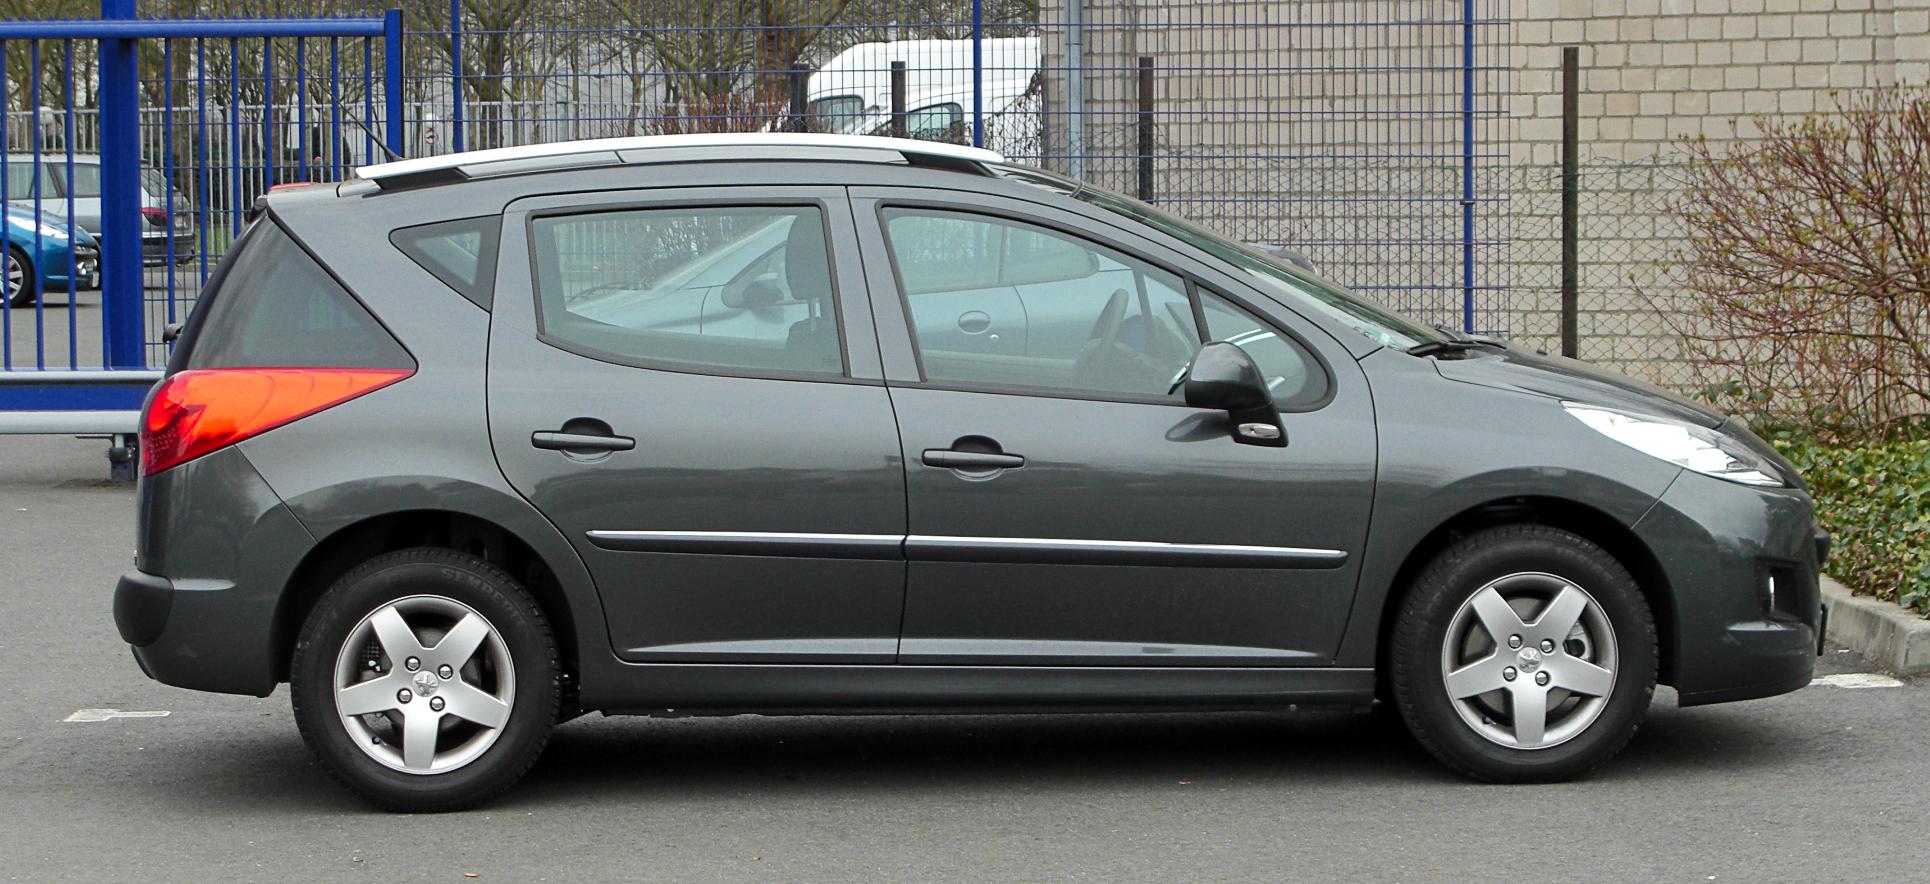 File Peugeot 207 Sw Facelift Seitenansicht 26 M 228 Rz 2011 Ratingen Jpg Wikimedia Commons